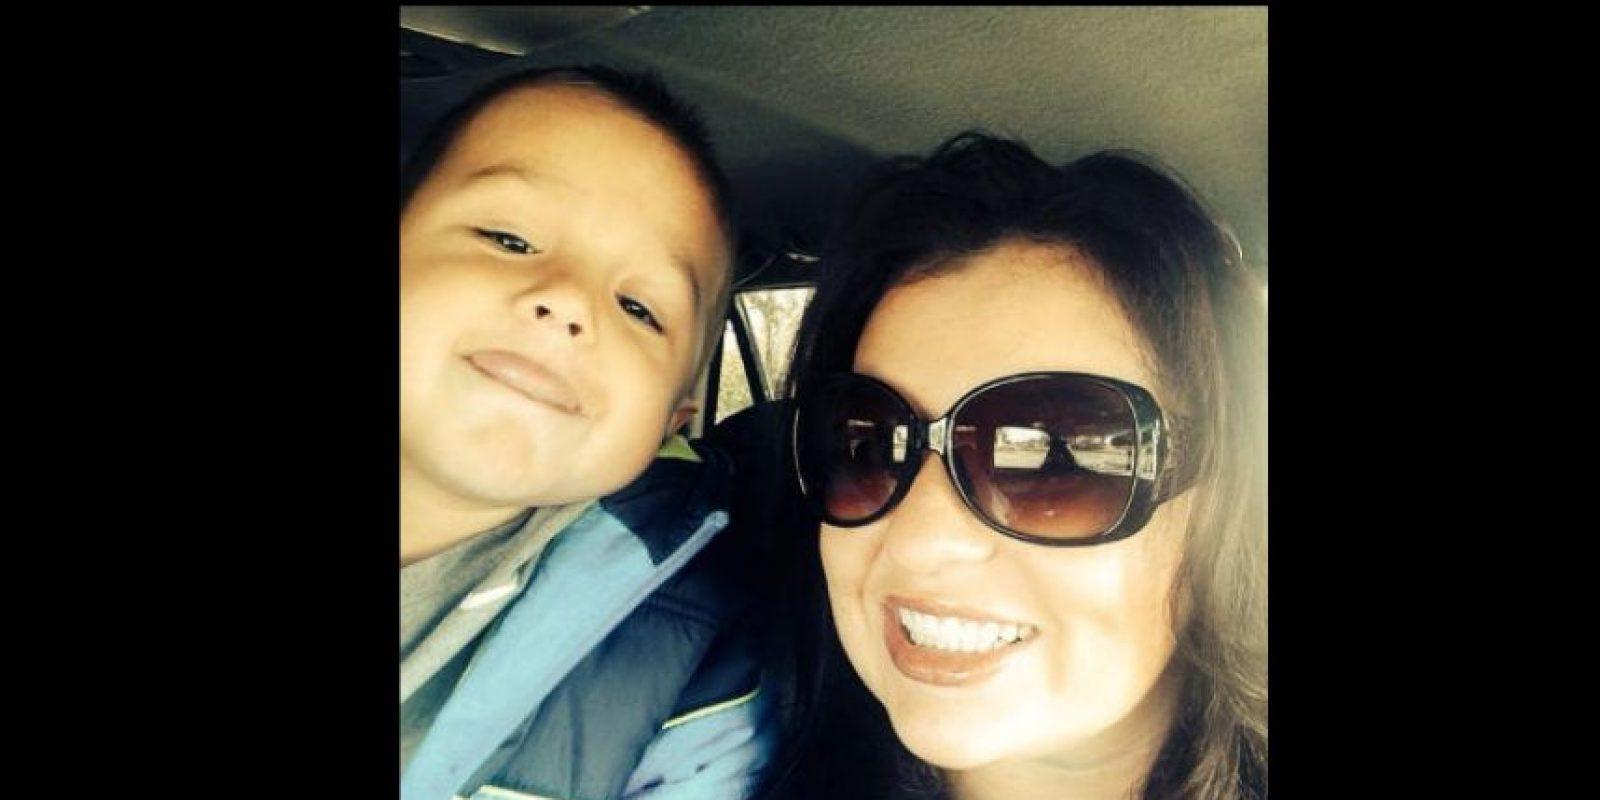 Zayde tiene sólo 4 años de edad. Foto:Vía facebook.com/alisha.sands.3